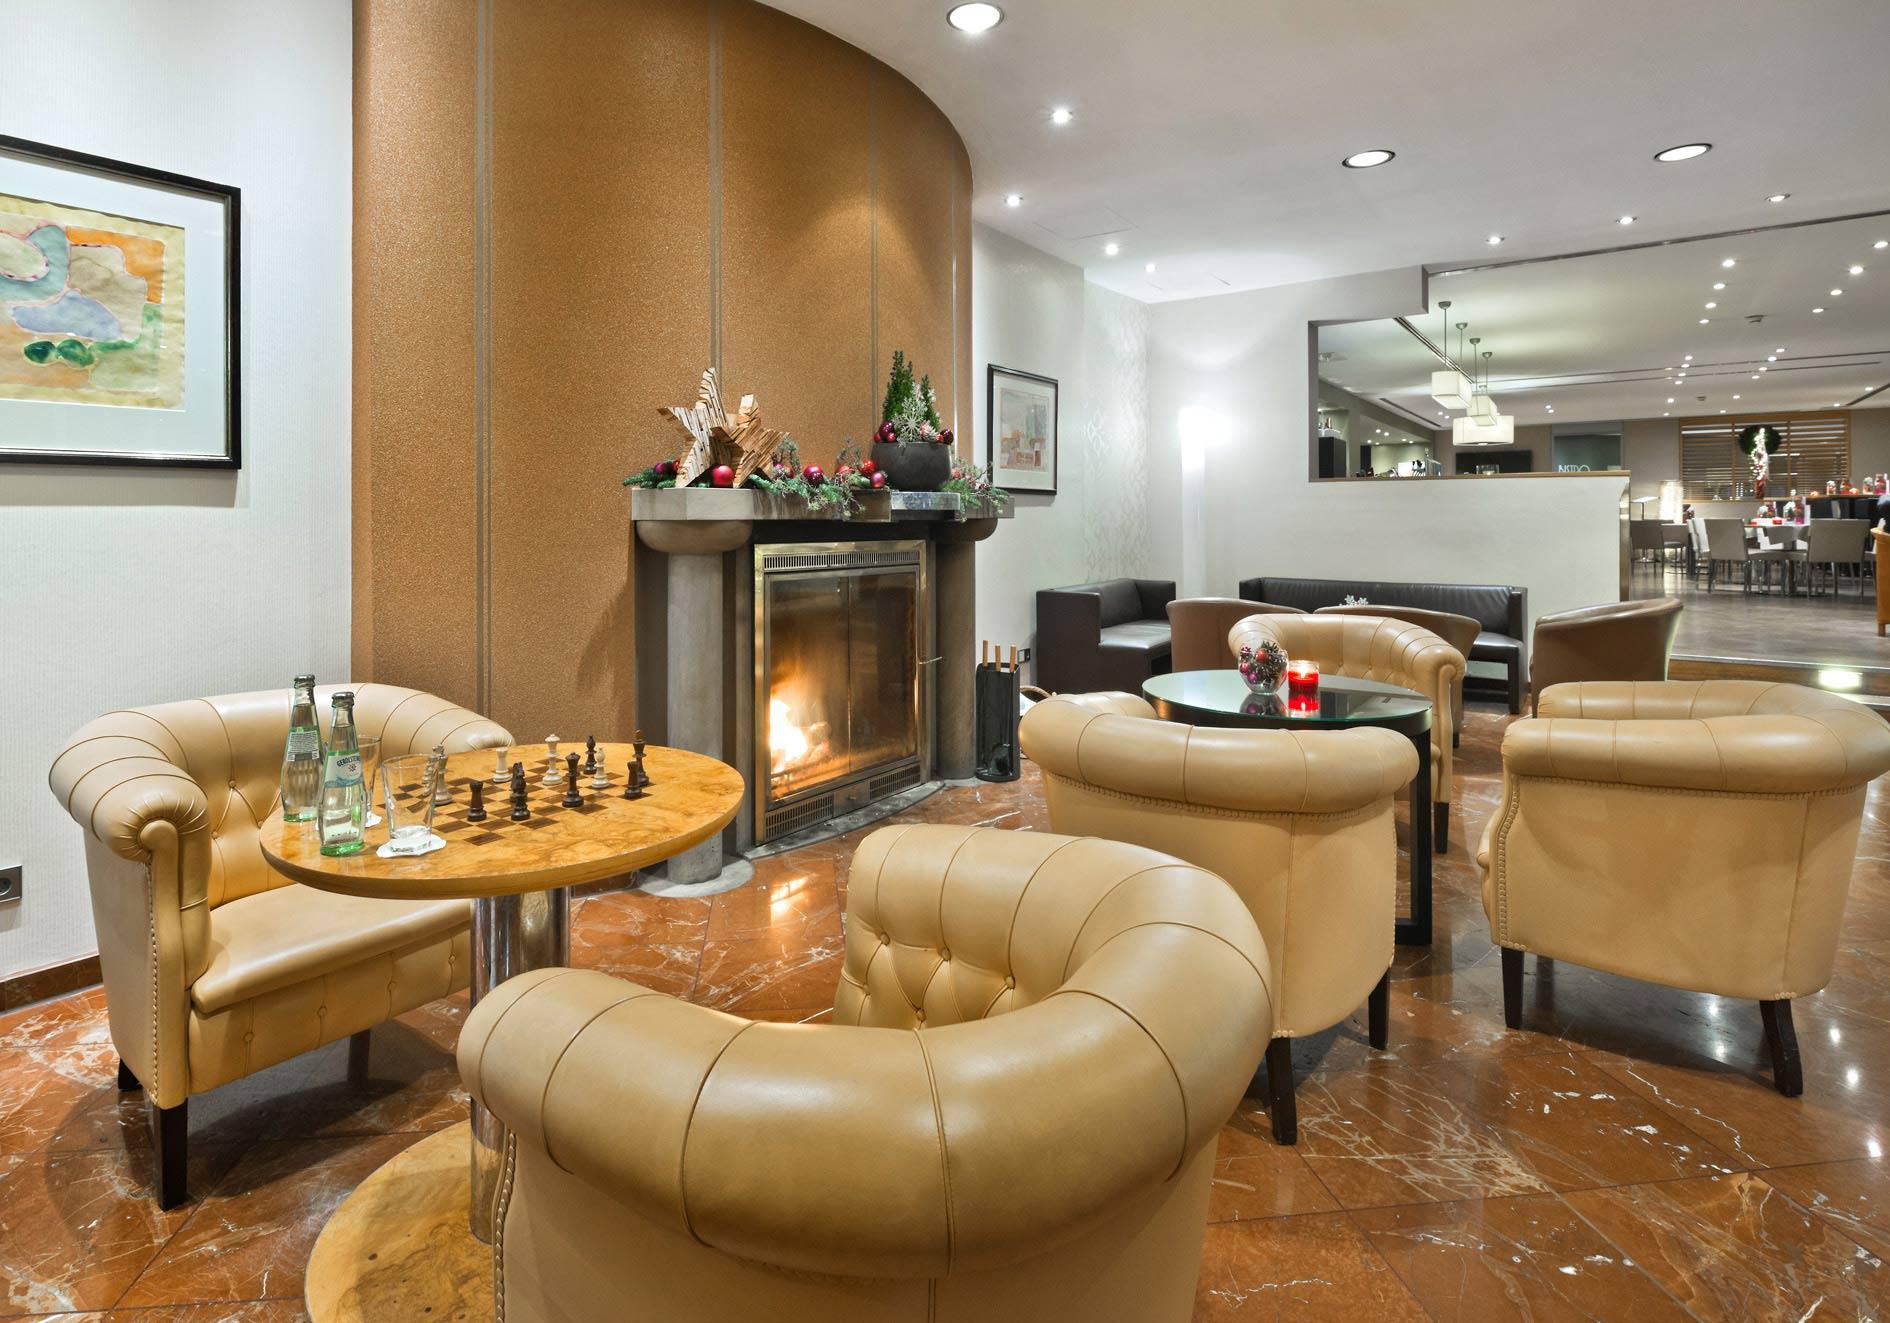 Crowne Plaza Hotel @ Hannover © offenblende.de